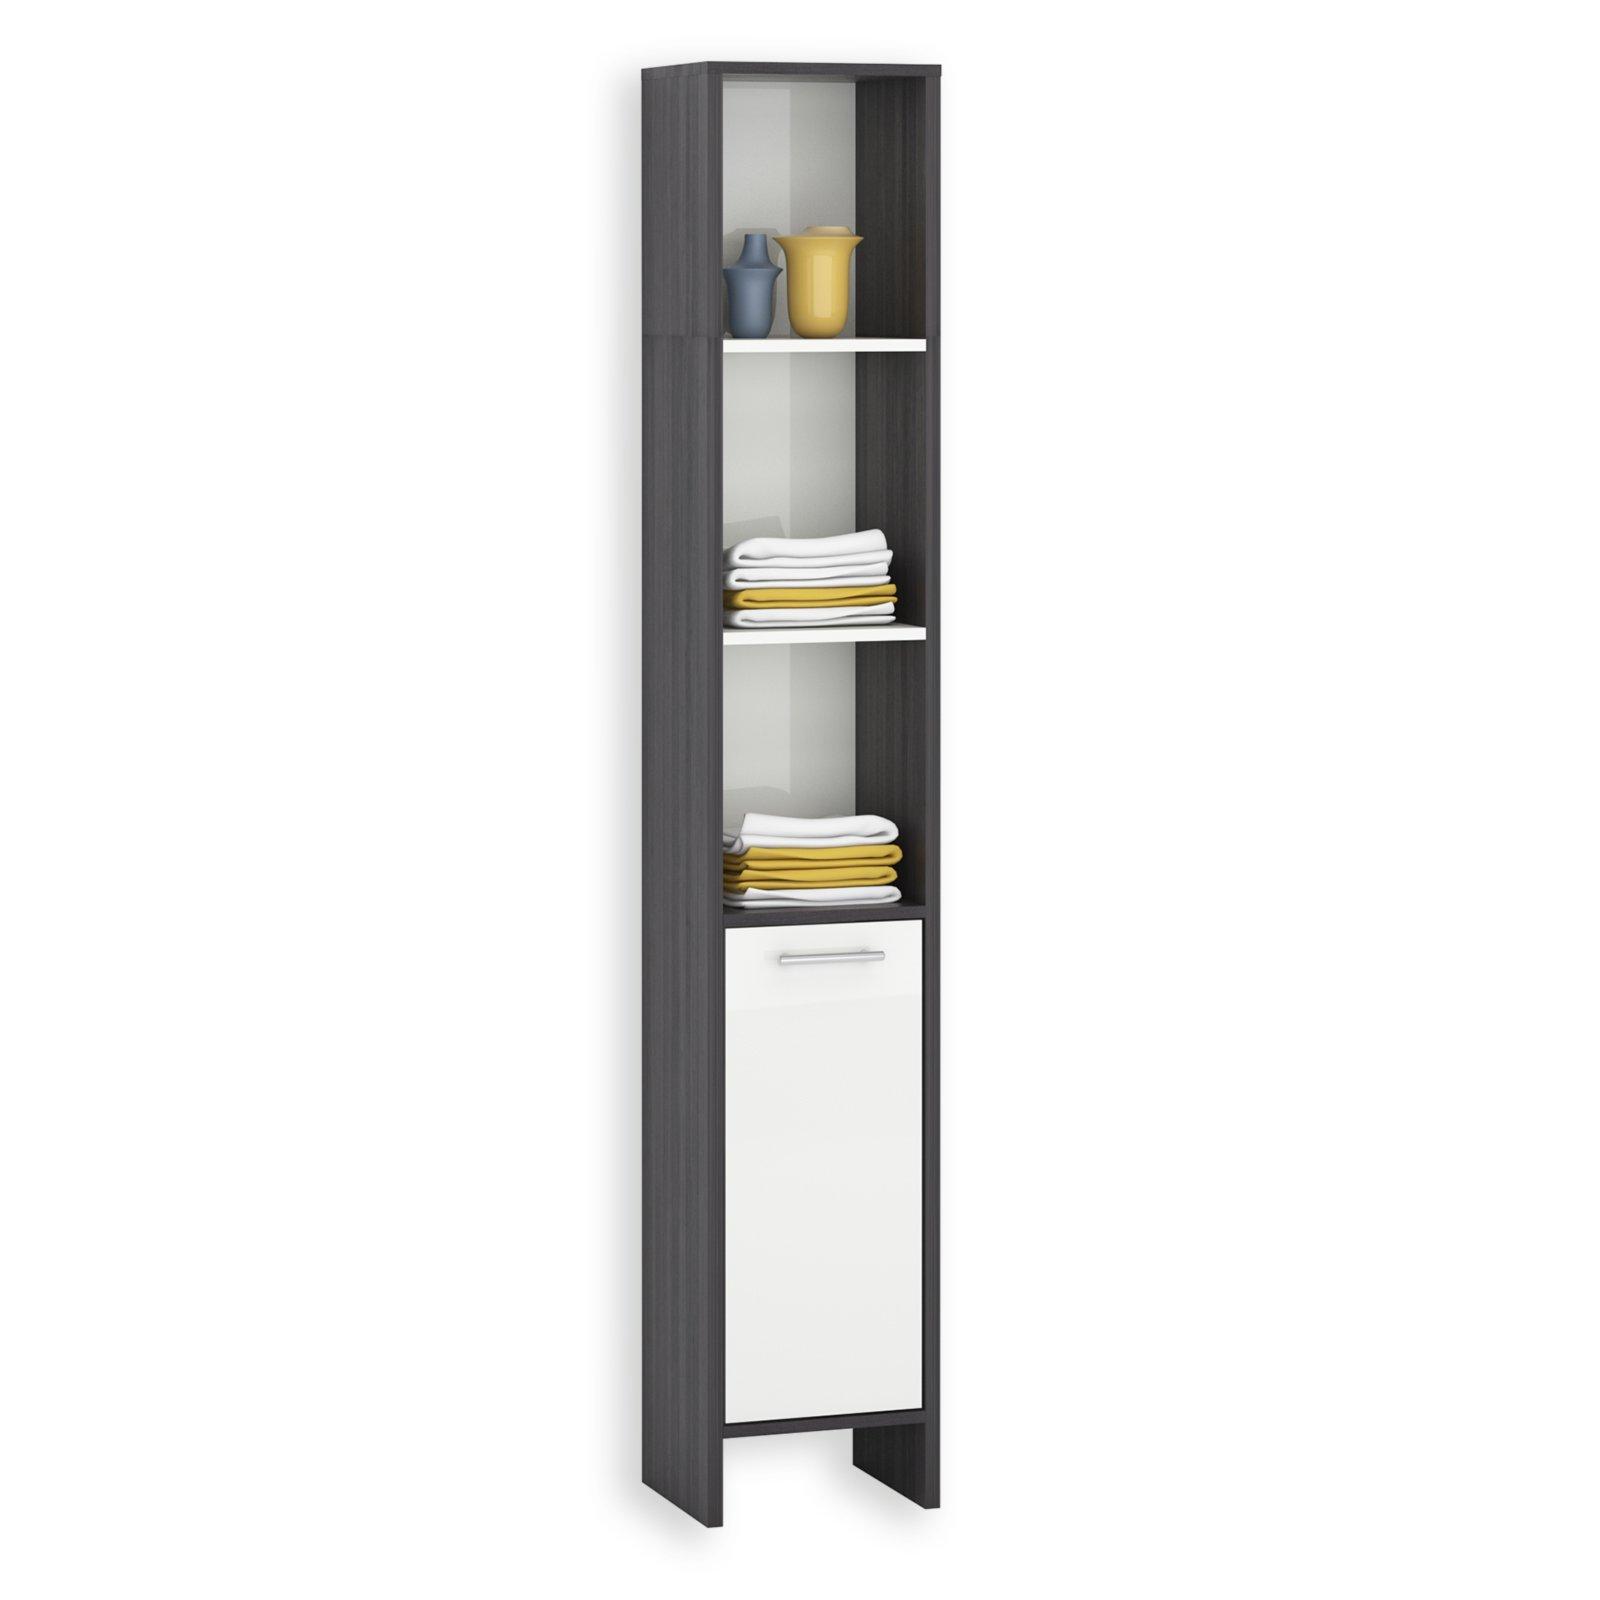 hochschrank marcus wei hochglanz esche grau 33x195 cm ebay. Black Bedroom Furniture Sets. Home Design Ideas